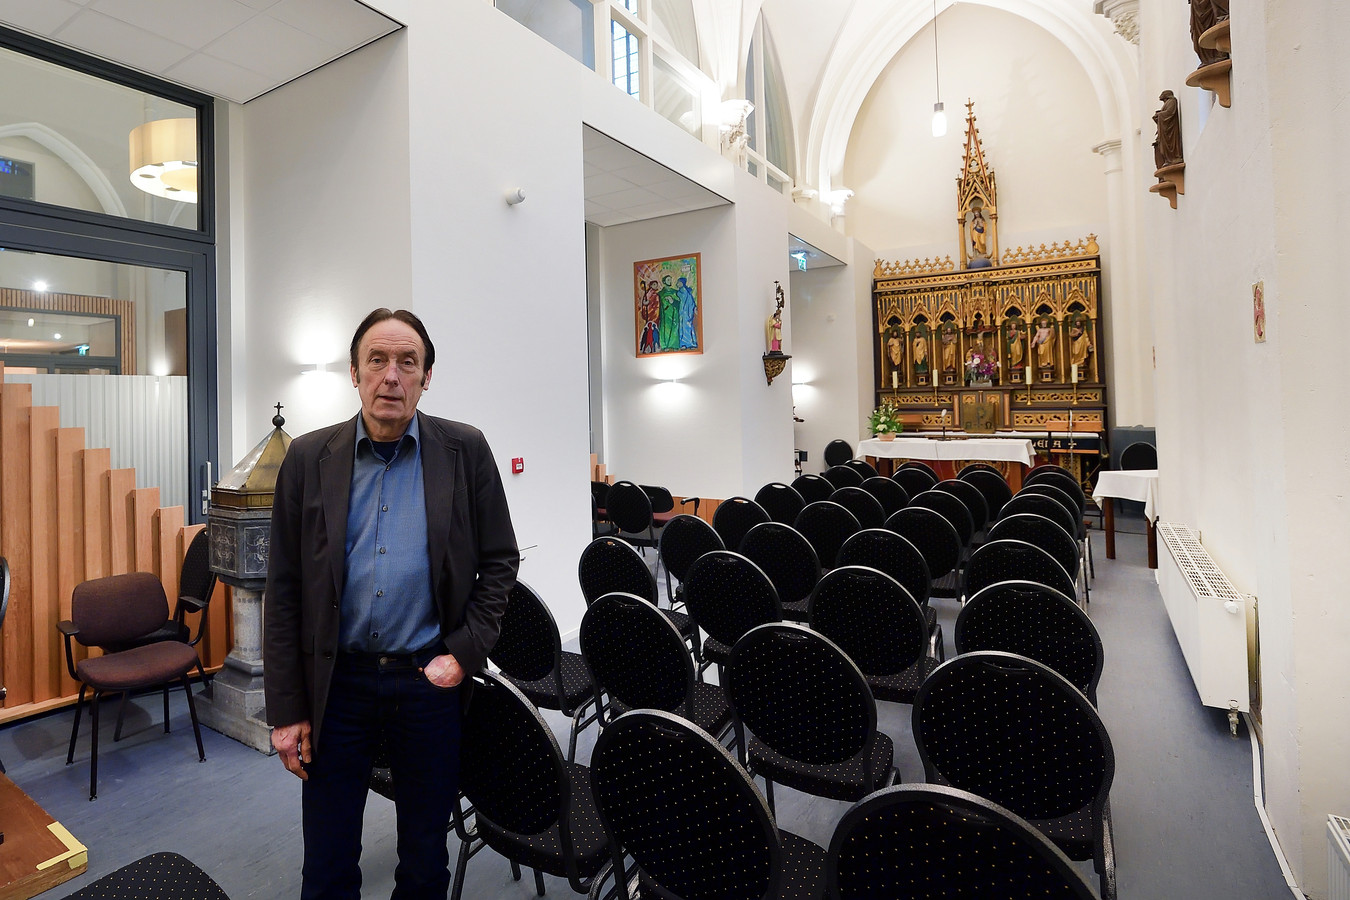 Heemschut-adviseur Tom van Eekelen in het kapelleke van de Gertudis van Nijvelkerk in Heerle dat werd omgebouwd tot wijkcentrum. In de kapel kunnen nog diensten gehouden worden en dat is voor veel mensen belangrijk, volgens Erfgoedvereniging Heemschut.